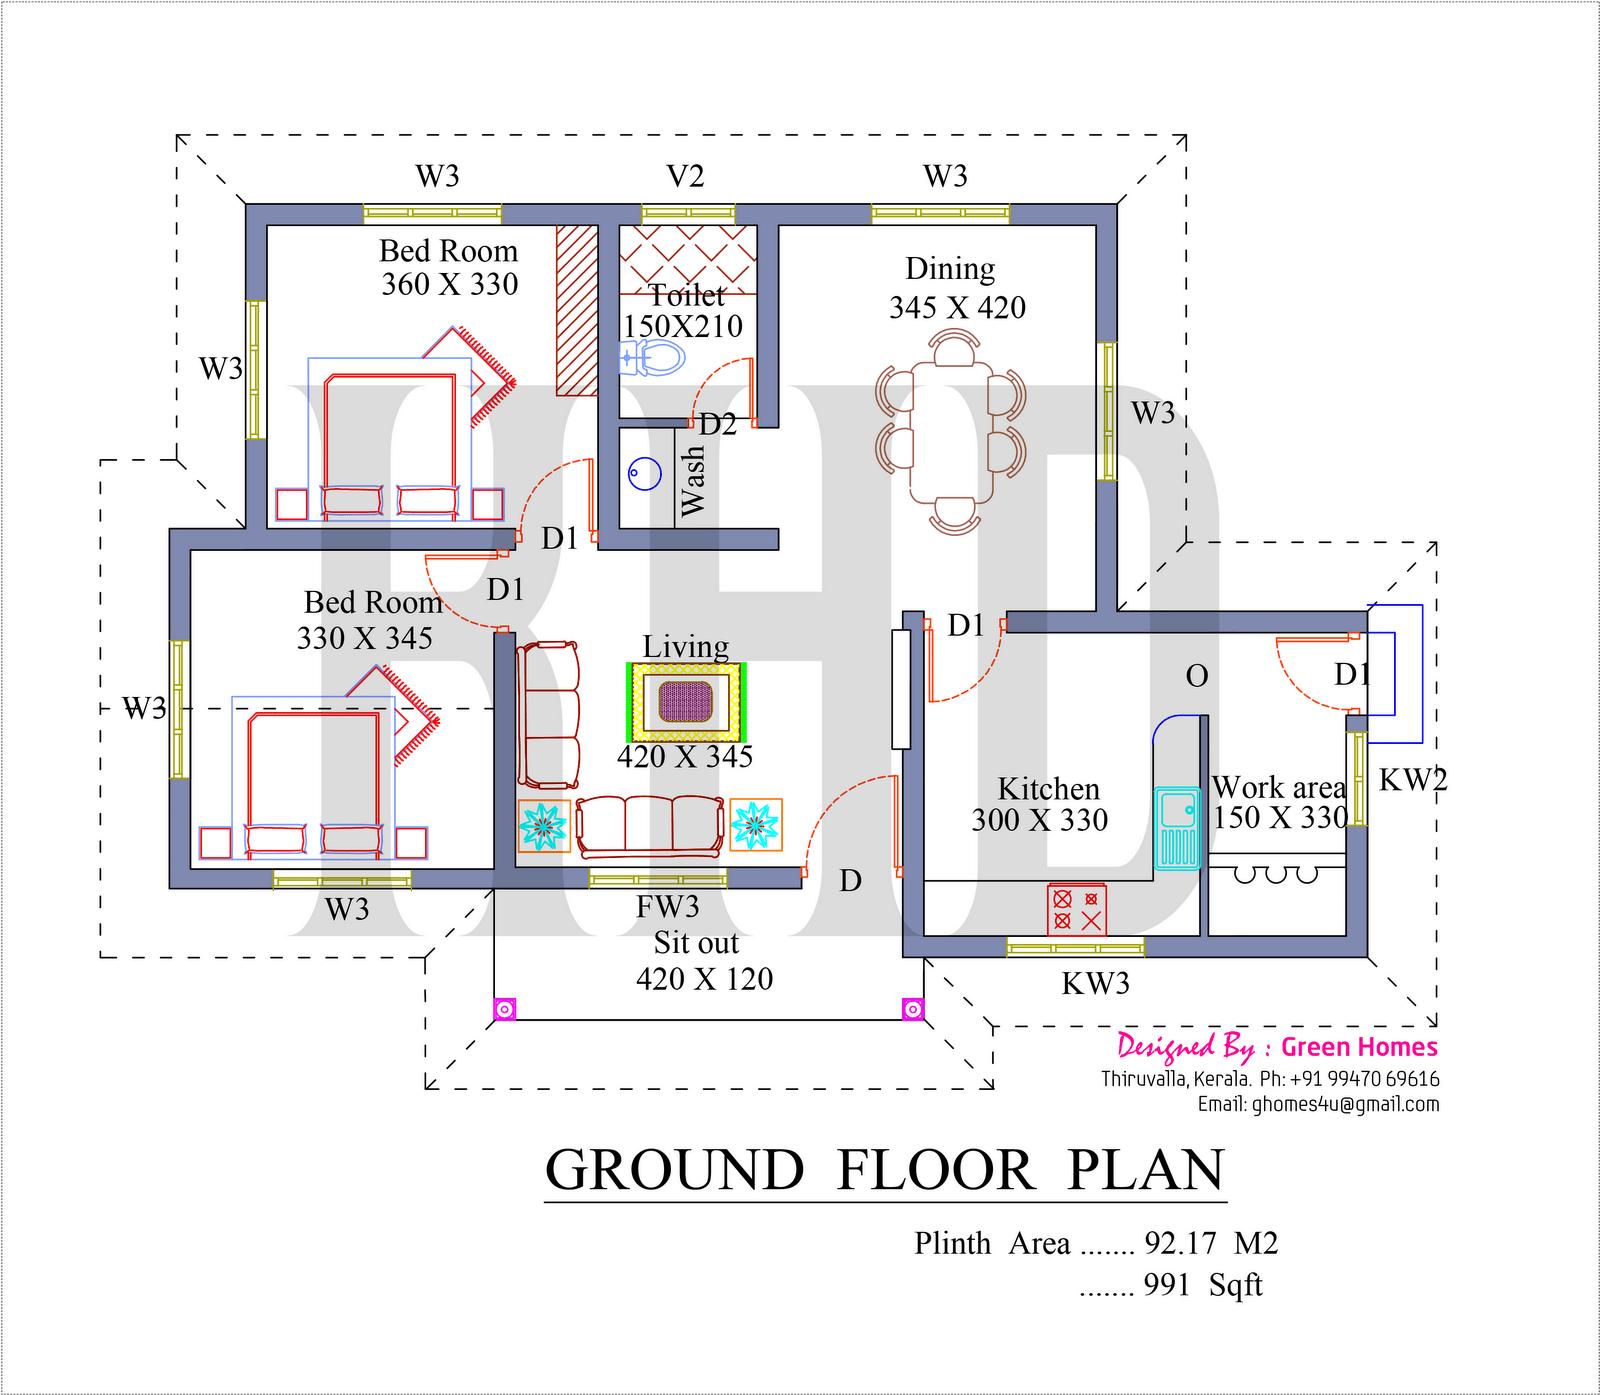 Free Estimates Blueprints Estimates Home Plans Ideas Picture Kerala House Plan For 991 Sq Ft House